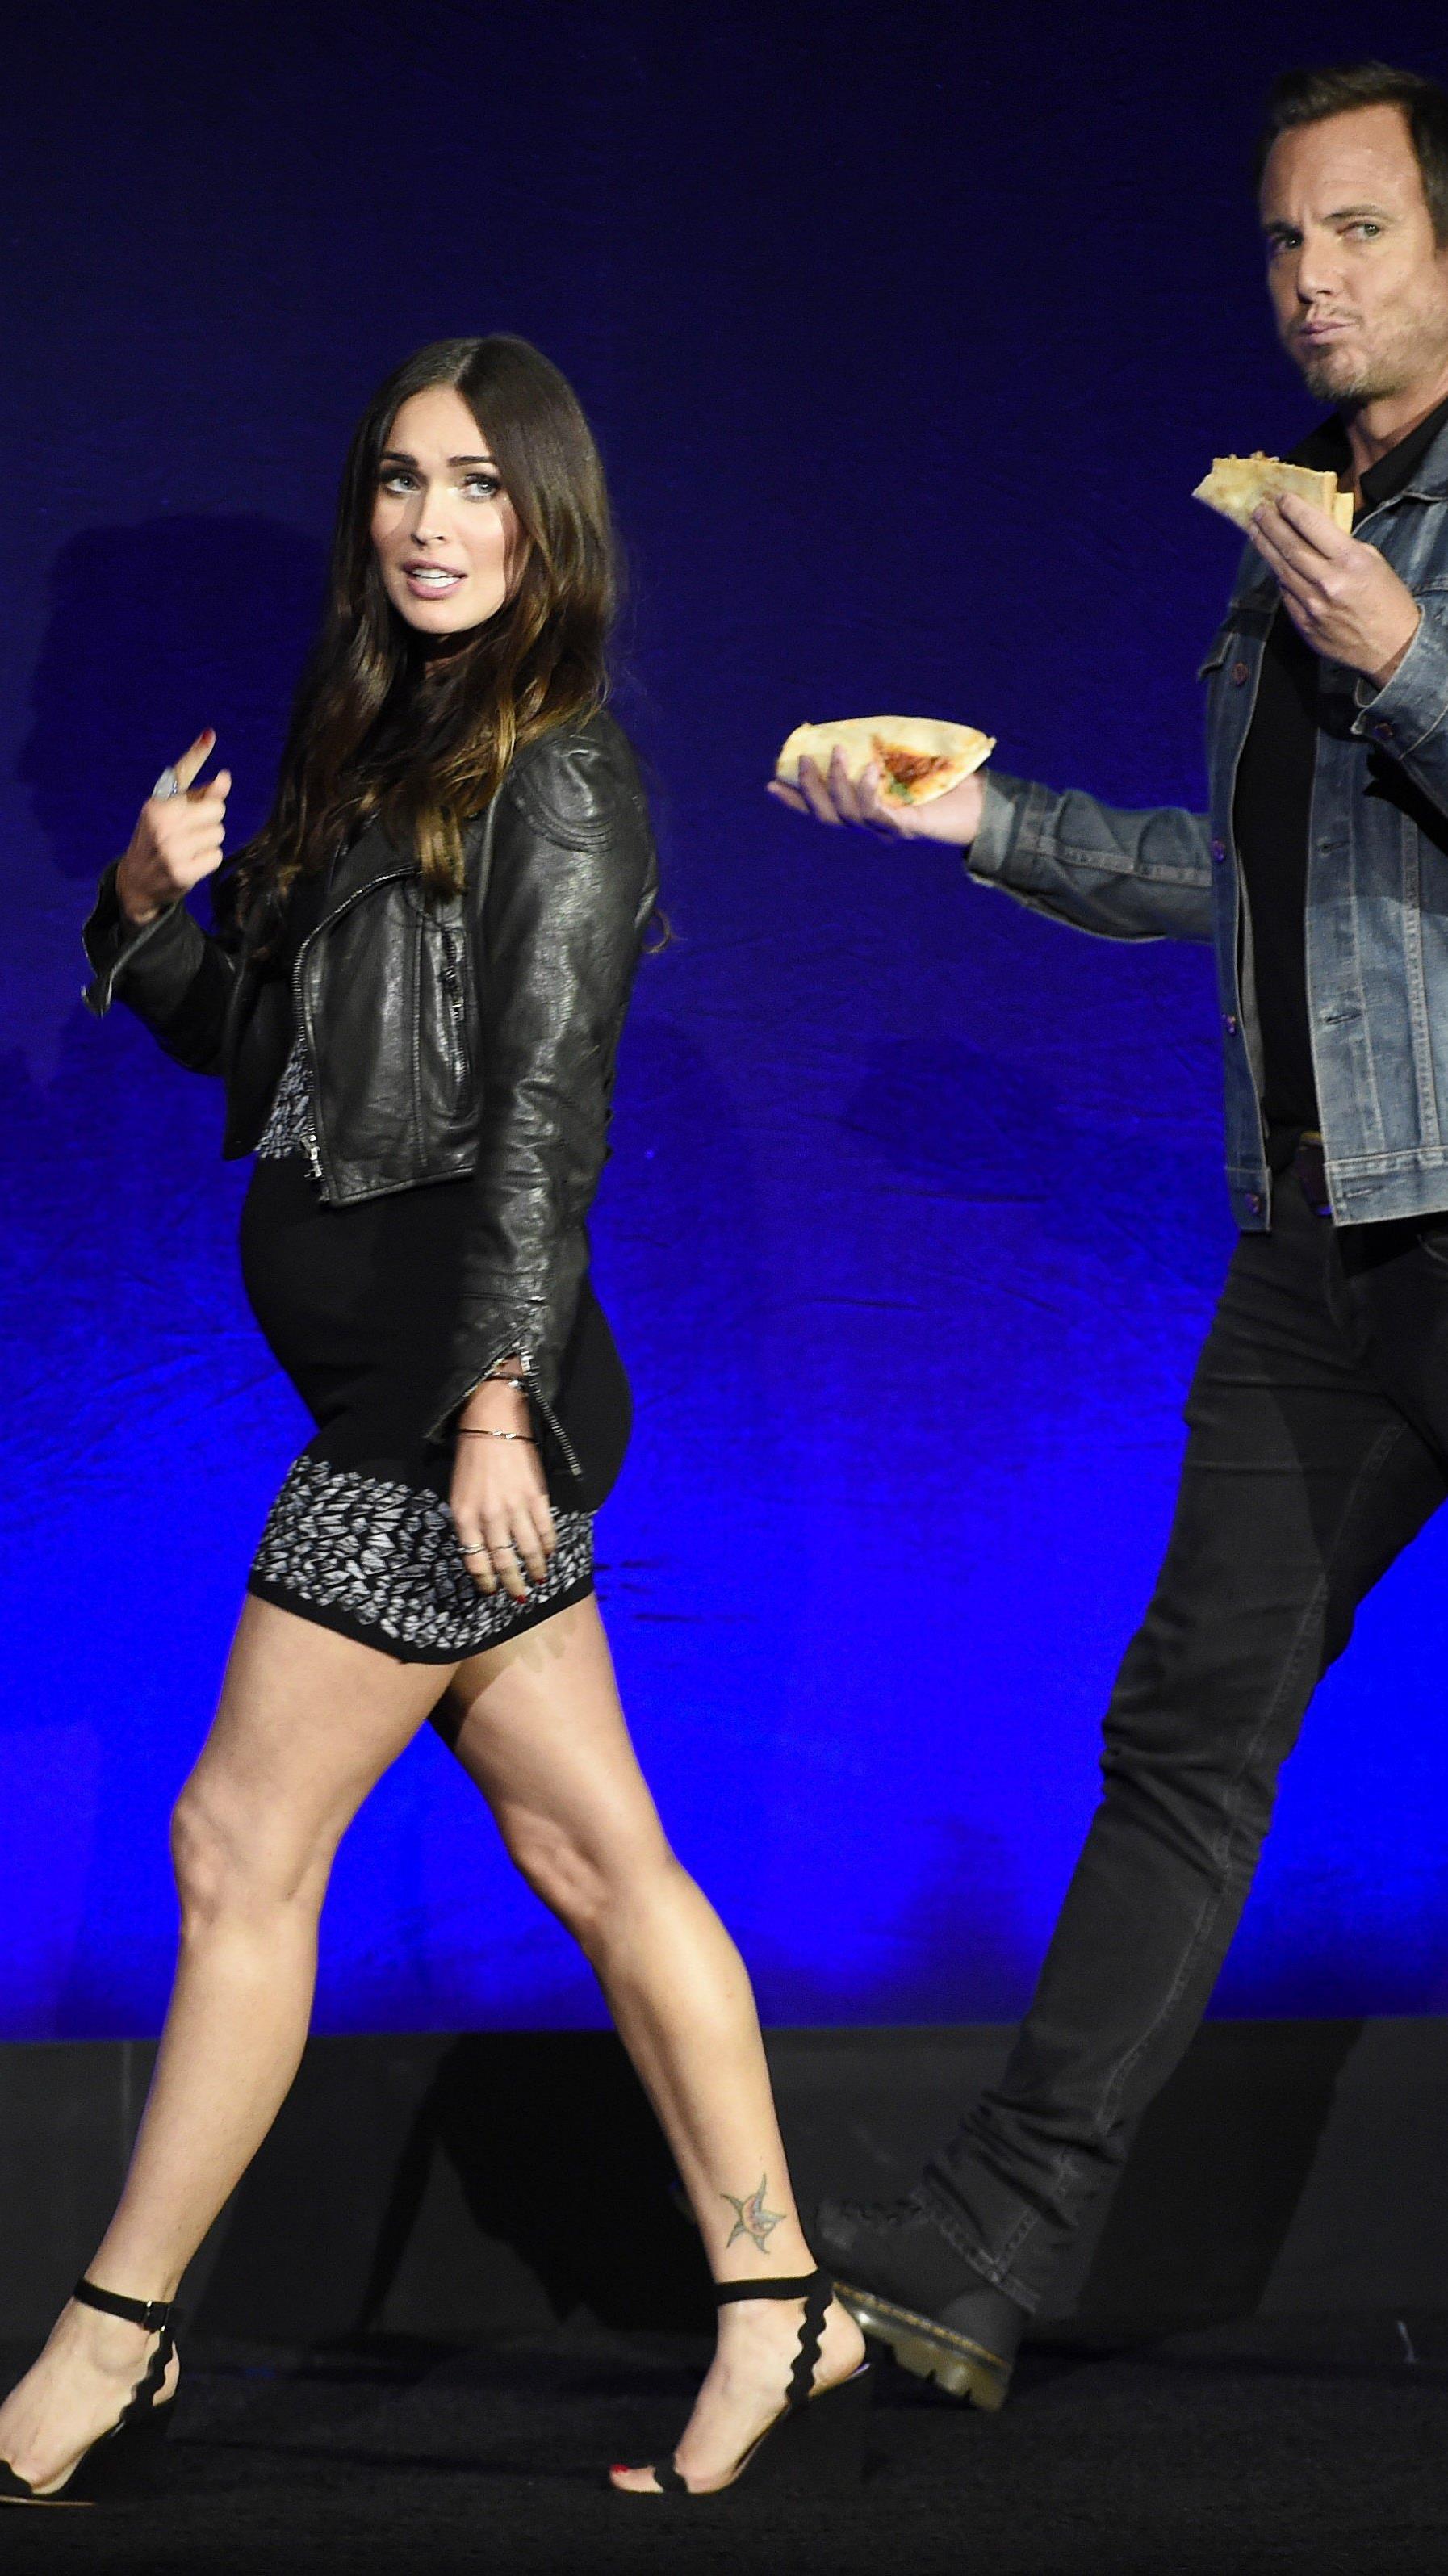 Der Babybauch von Megan Fox ist kaum zu übersehen.